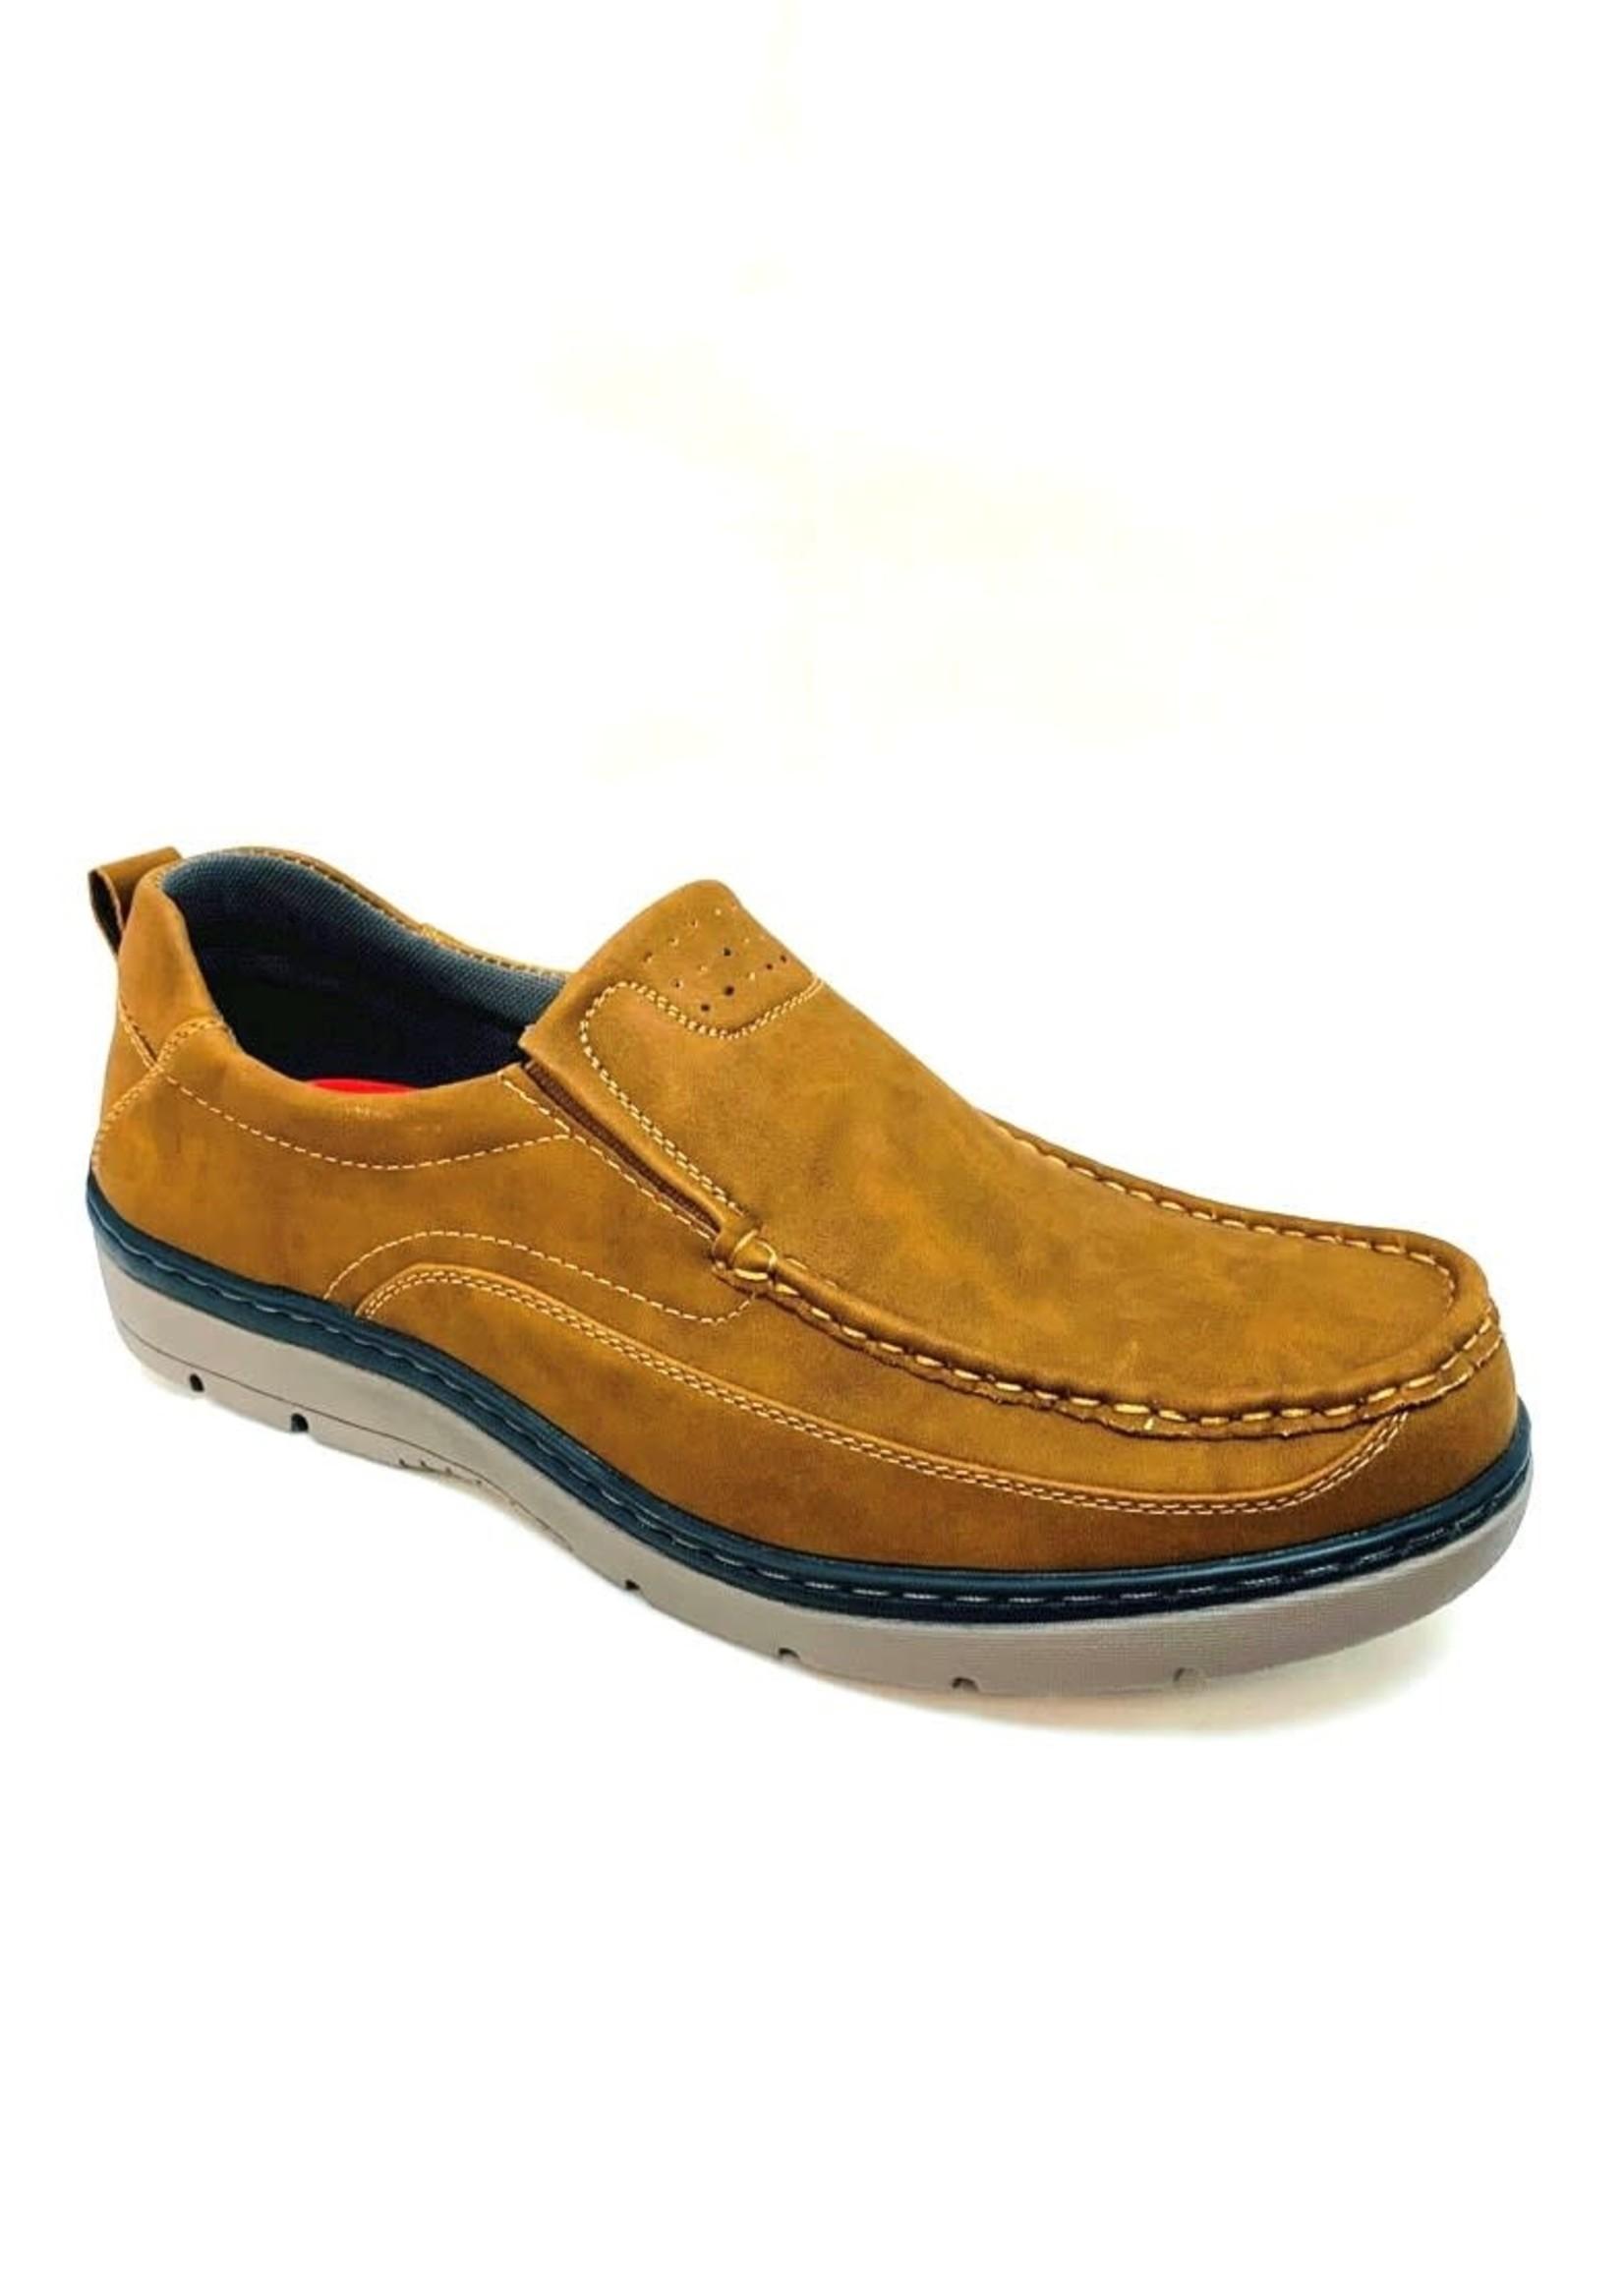 Gardella Mens Shoes